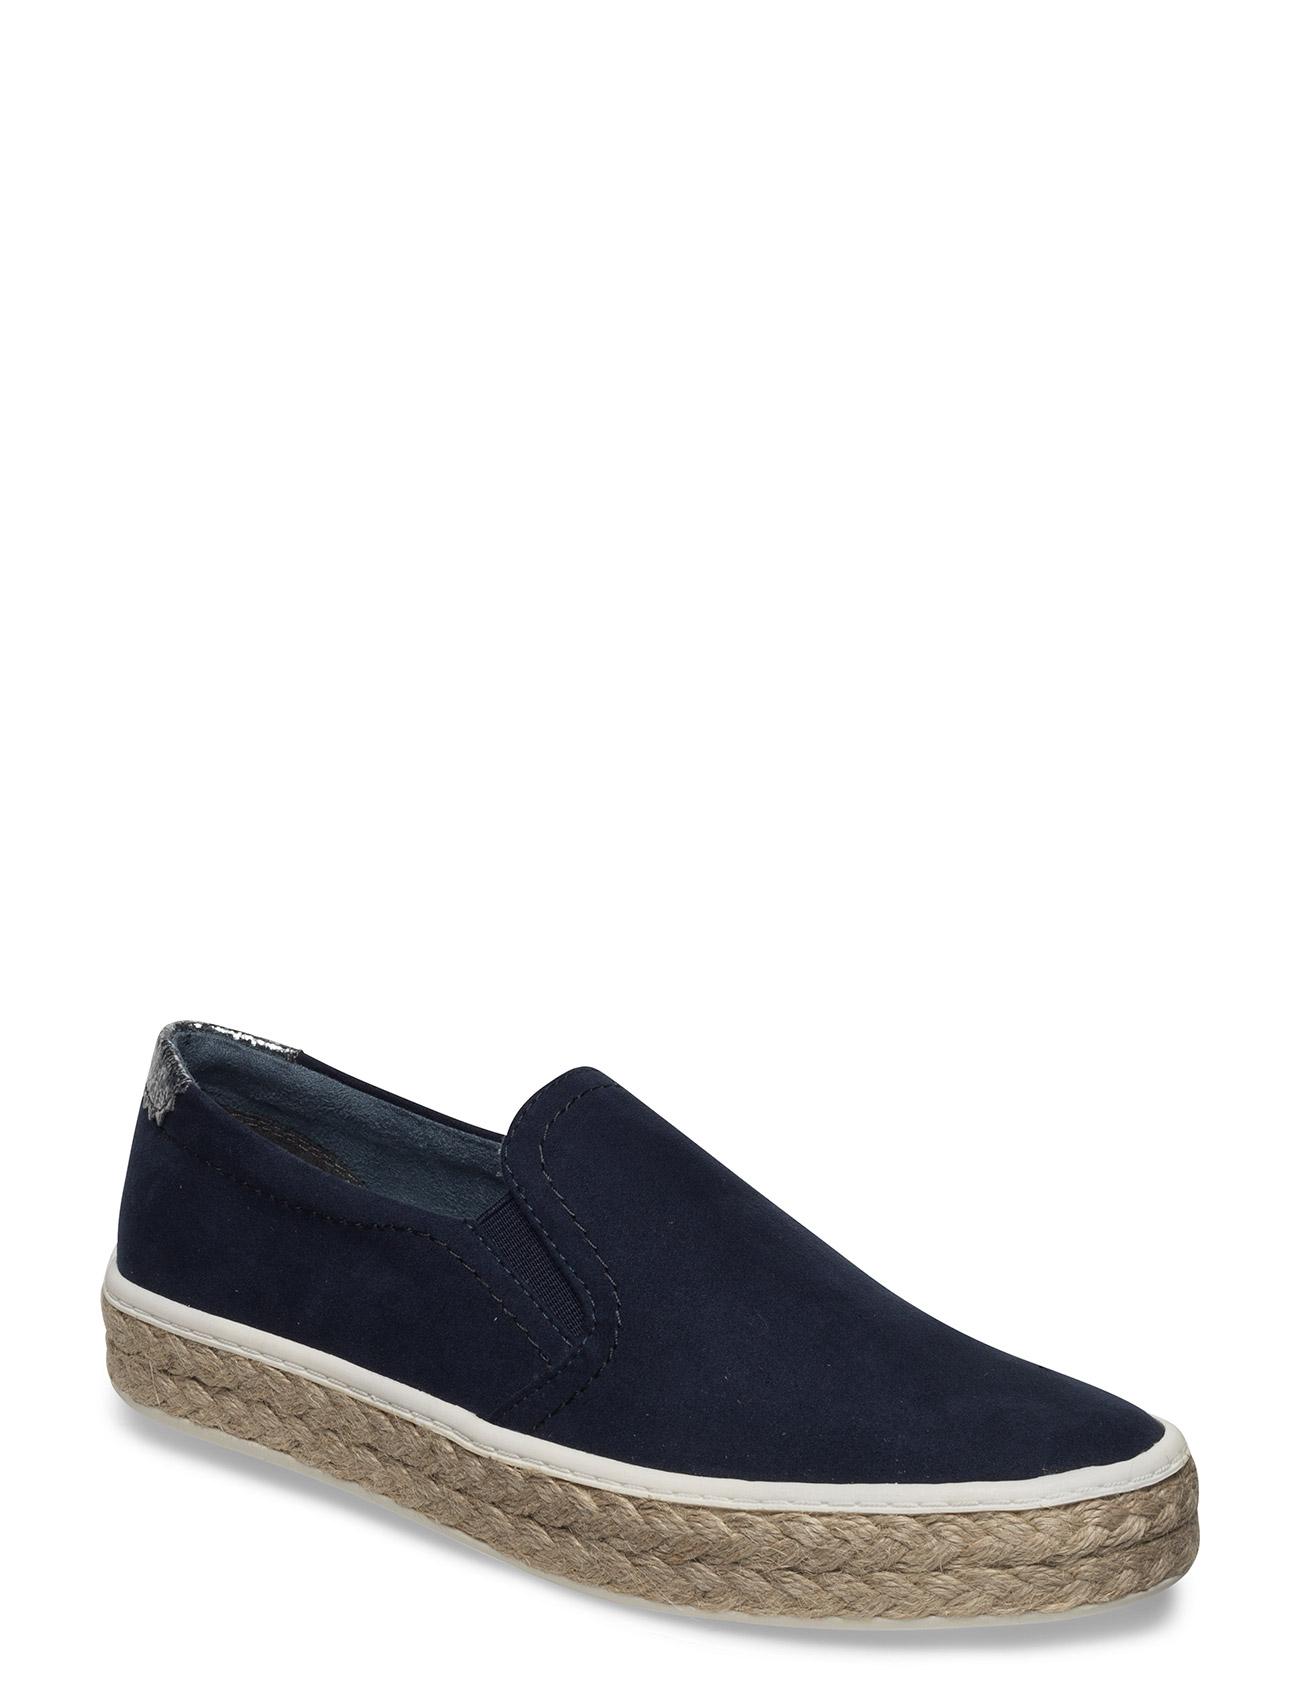 Woms Slip-On Tamaris Sneakers til Damer i Navy blå